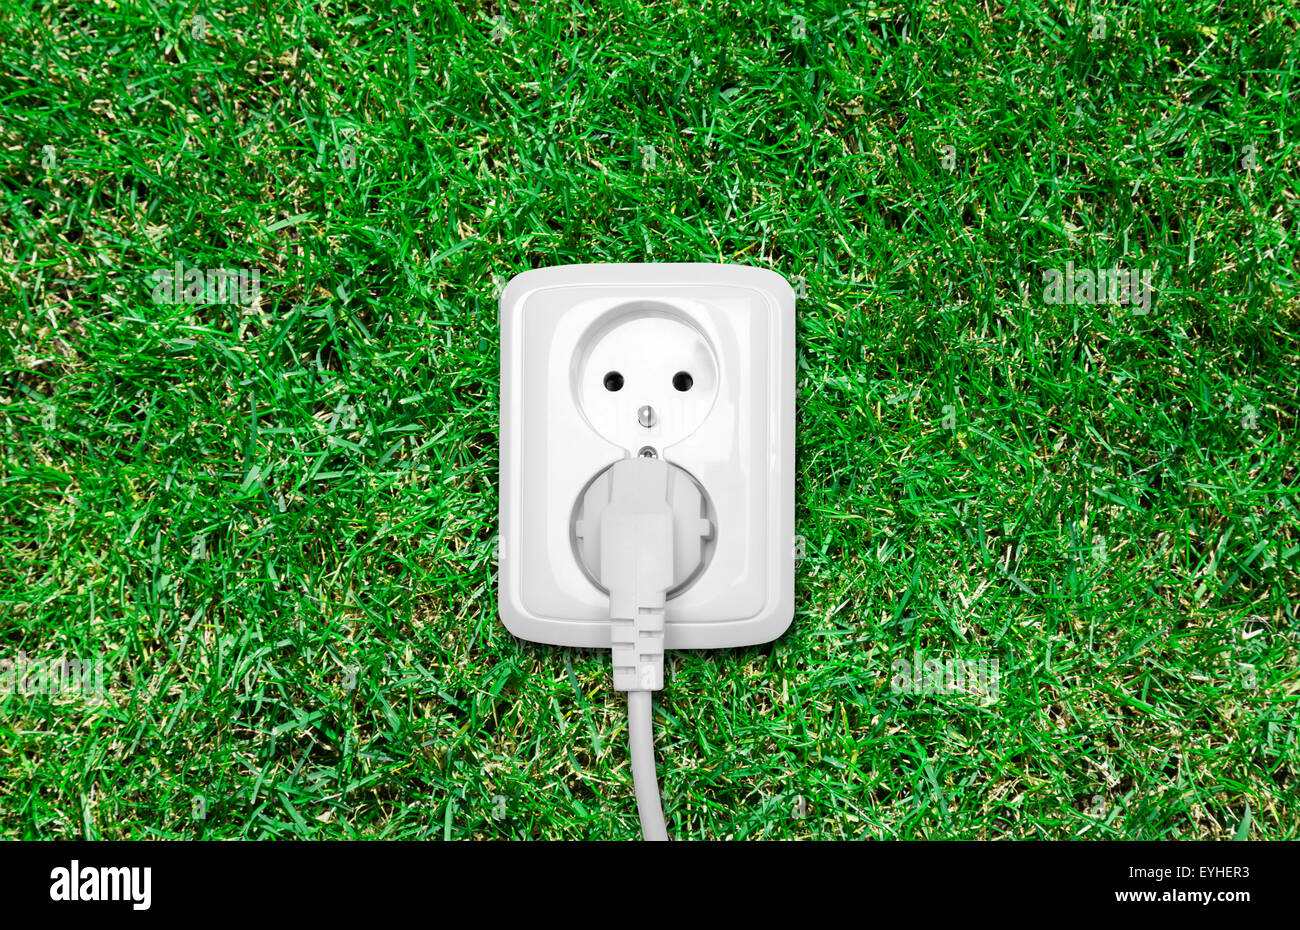 Prise électrique sur l'herbe verte Banque D'Images